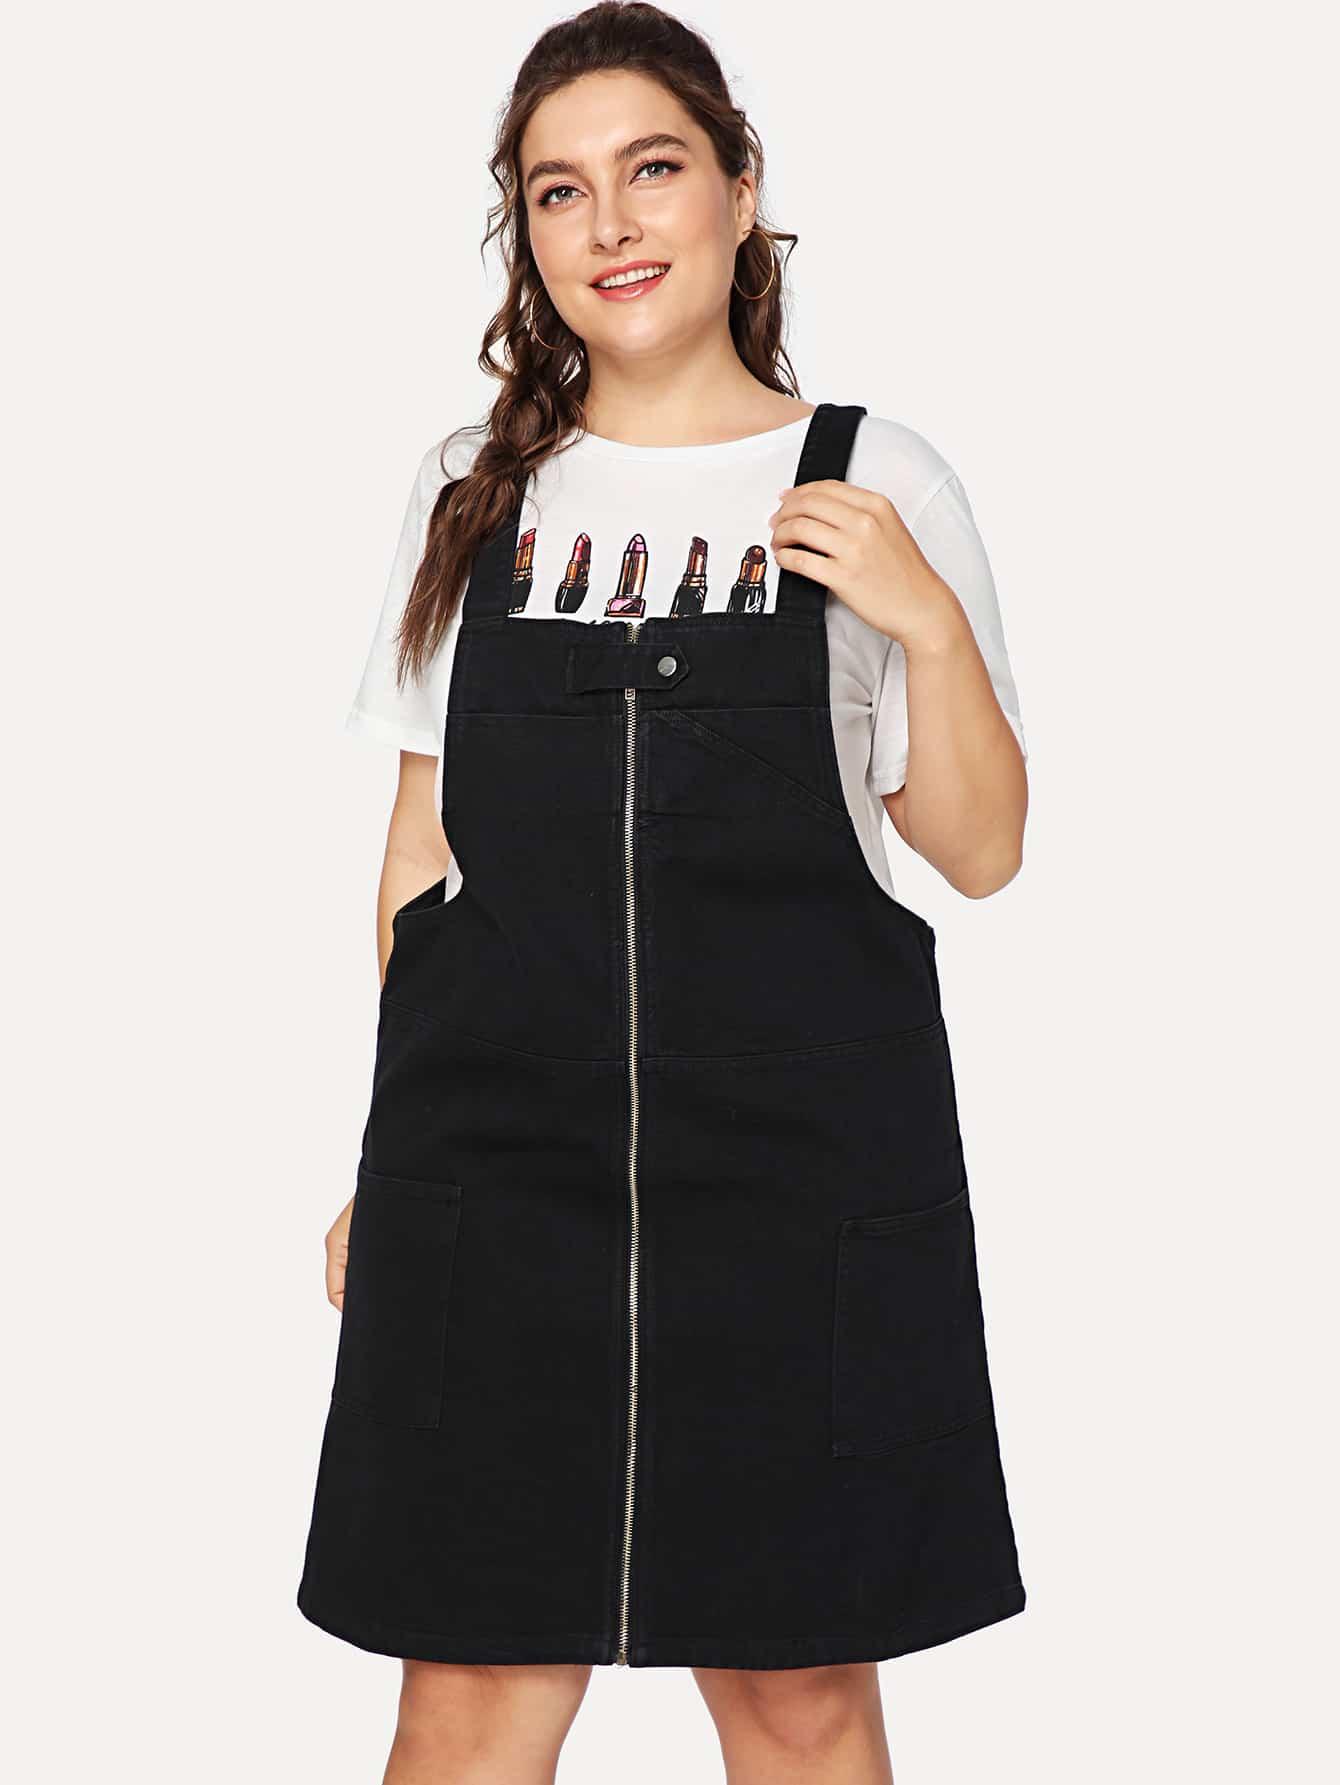 Купить Платье с молнией деним, Franziska, SheIn